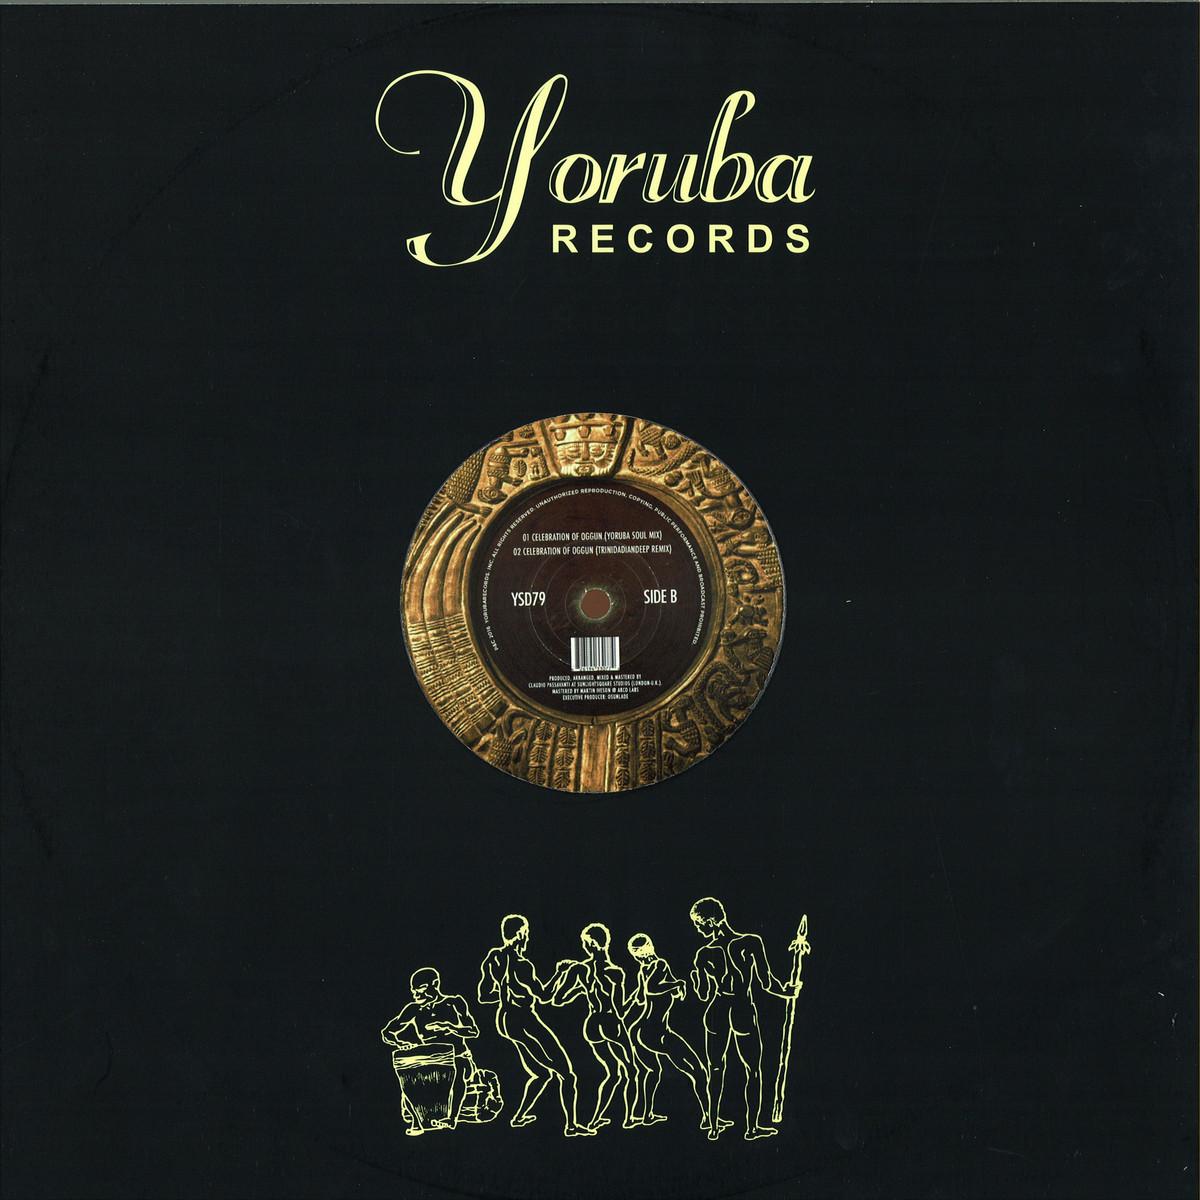 deejay de - Yoruba